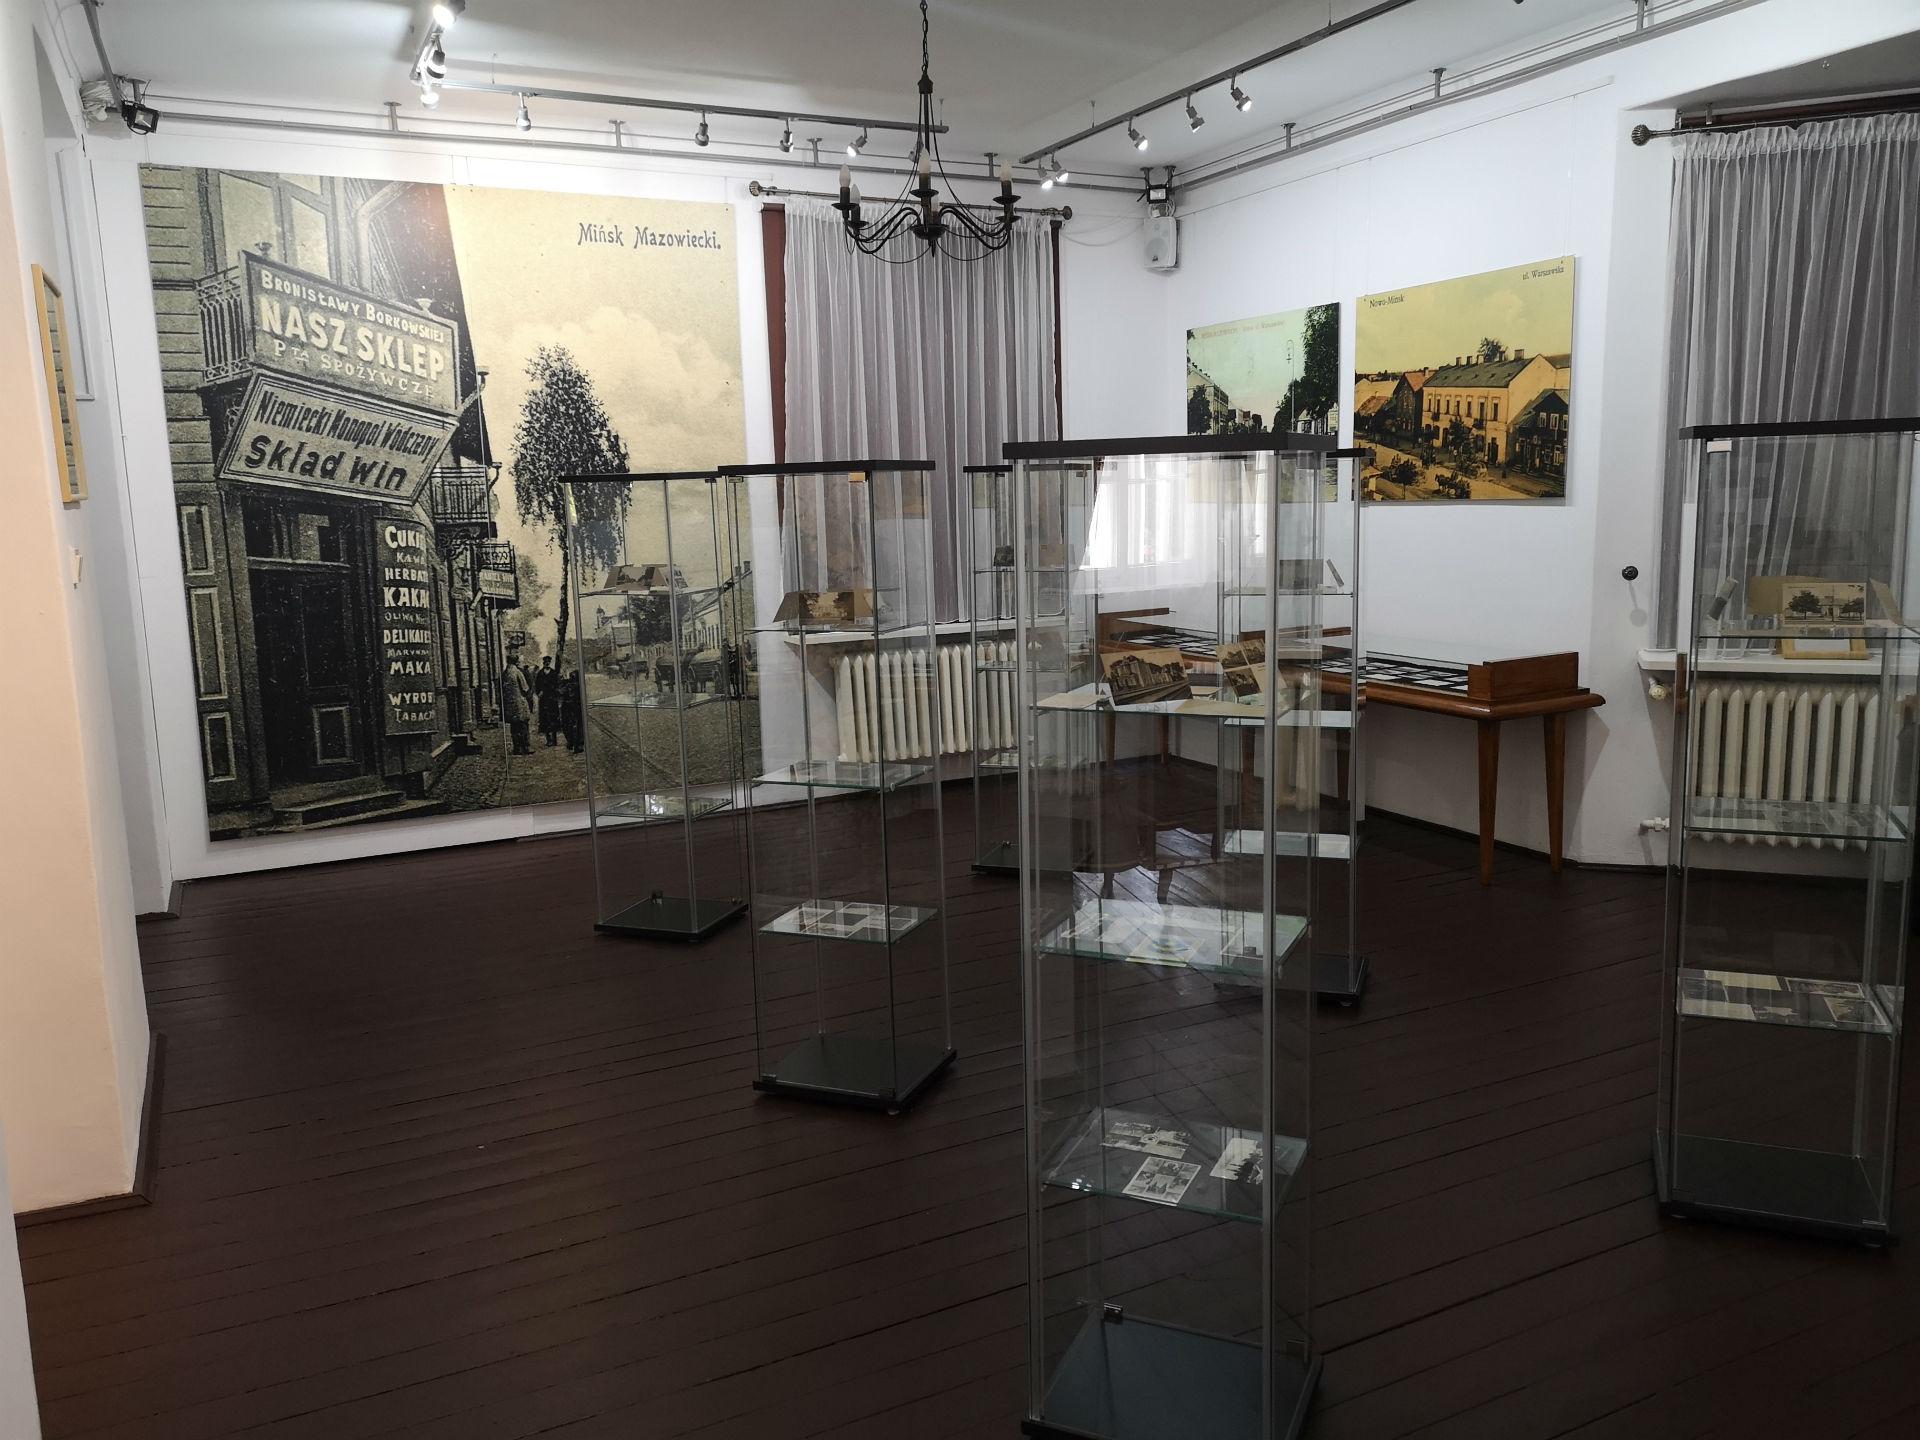 Wnętrze sali wystawowej Muzeum Ziemi Mińskiej. Na podłodze stoją szklane gabloty z trzema półeczkami w każdej, na których wyeksponowane są zabytkowe pocztówki. Na ścianach wiszą wydrukowane reprodukcje wybranych pocztówek.